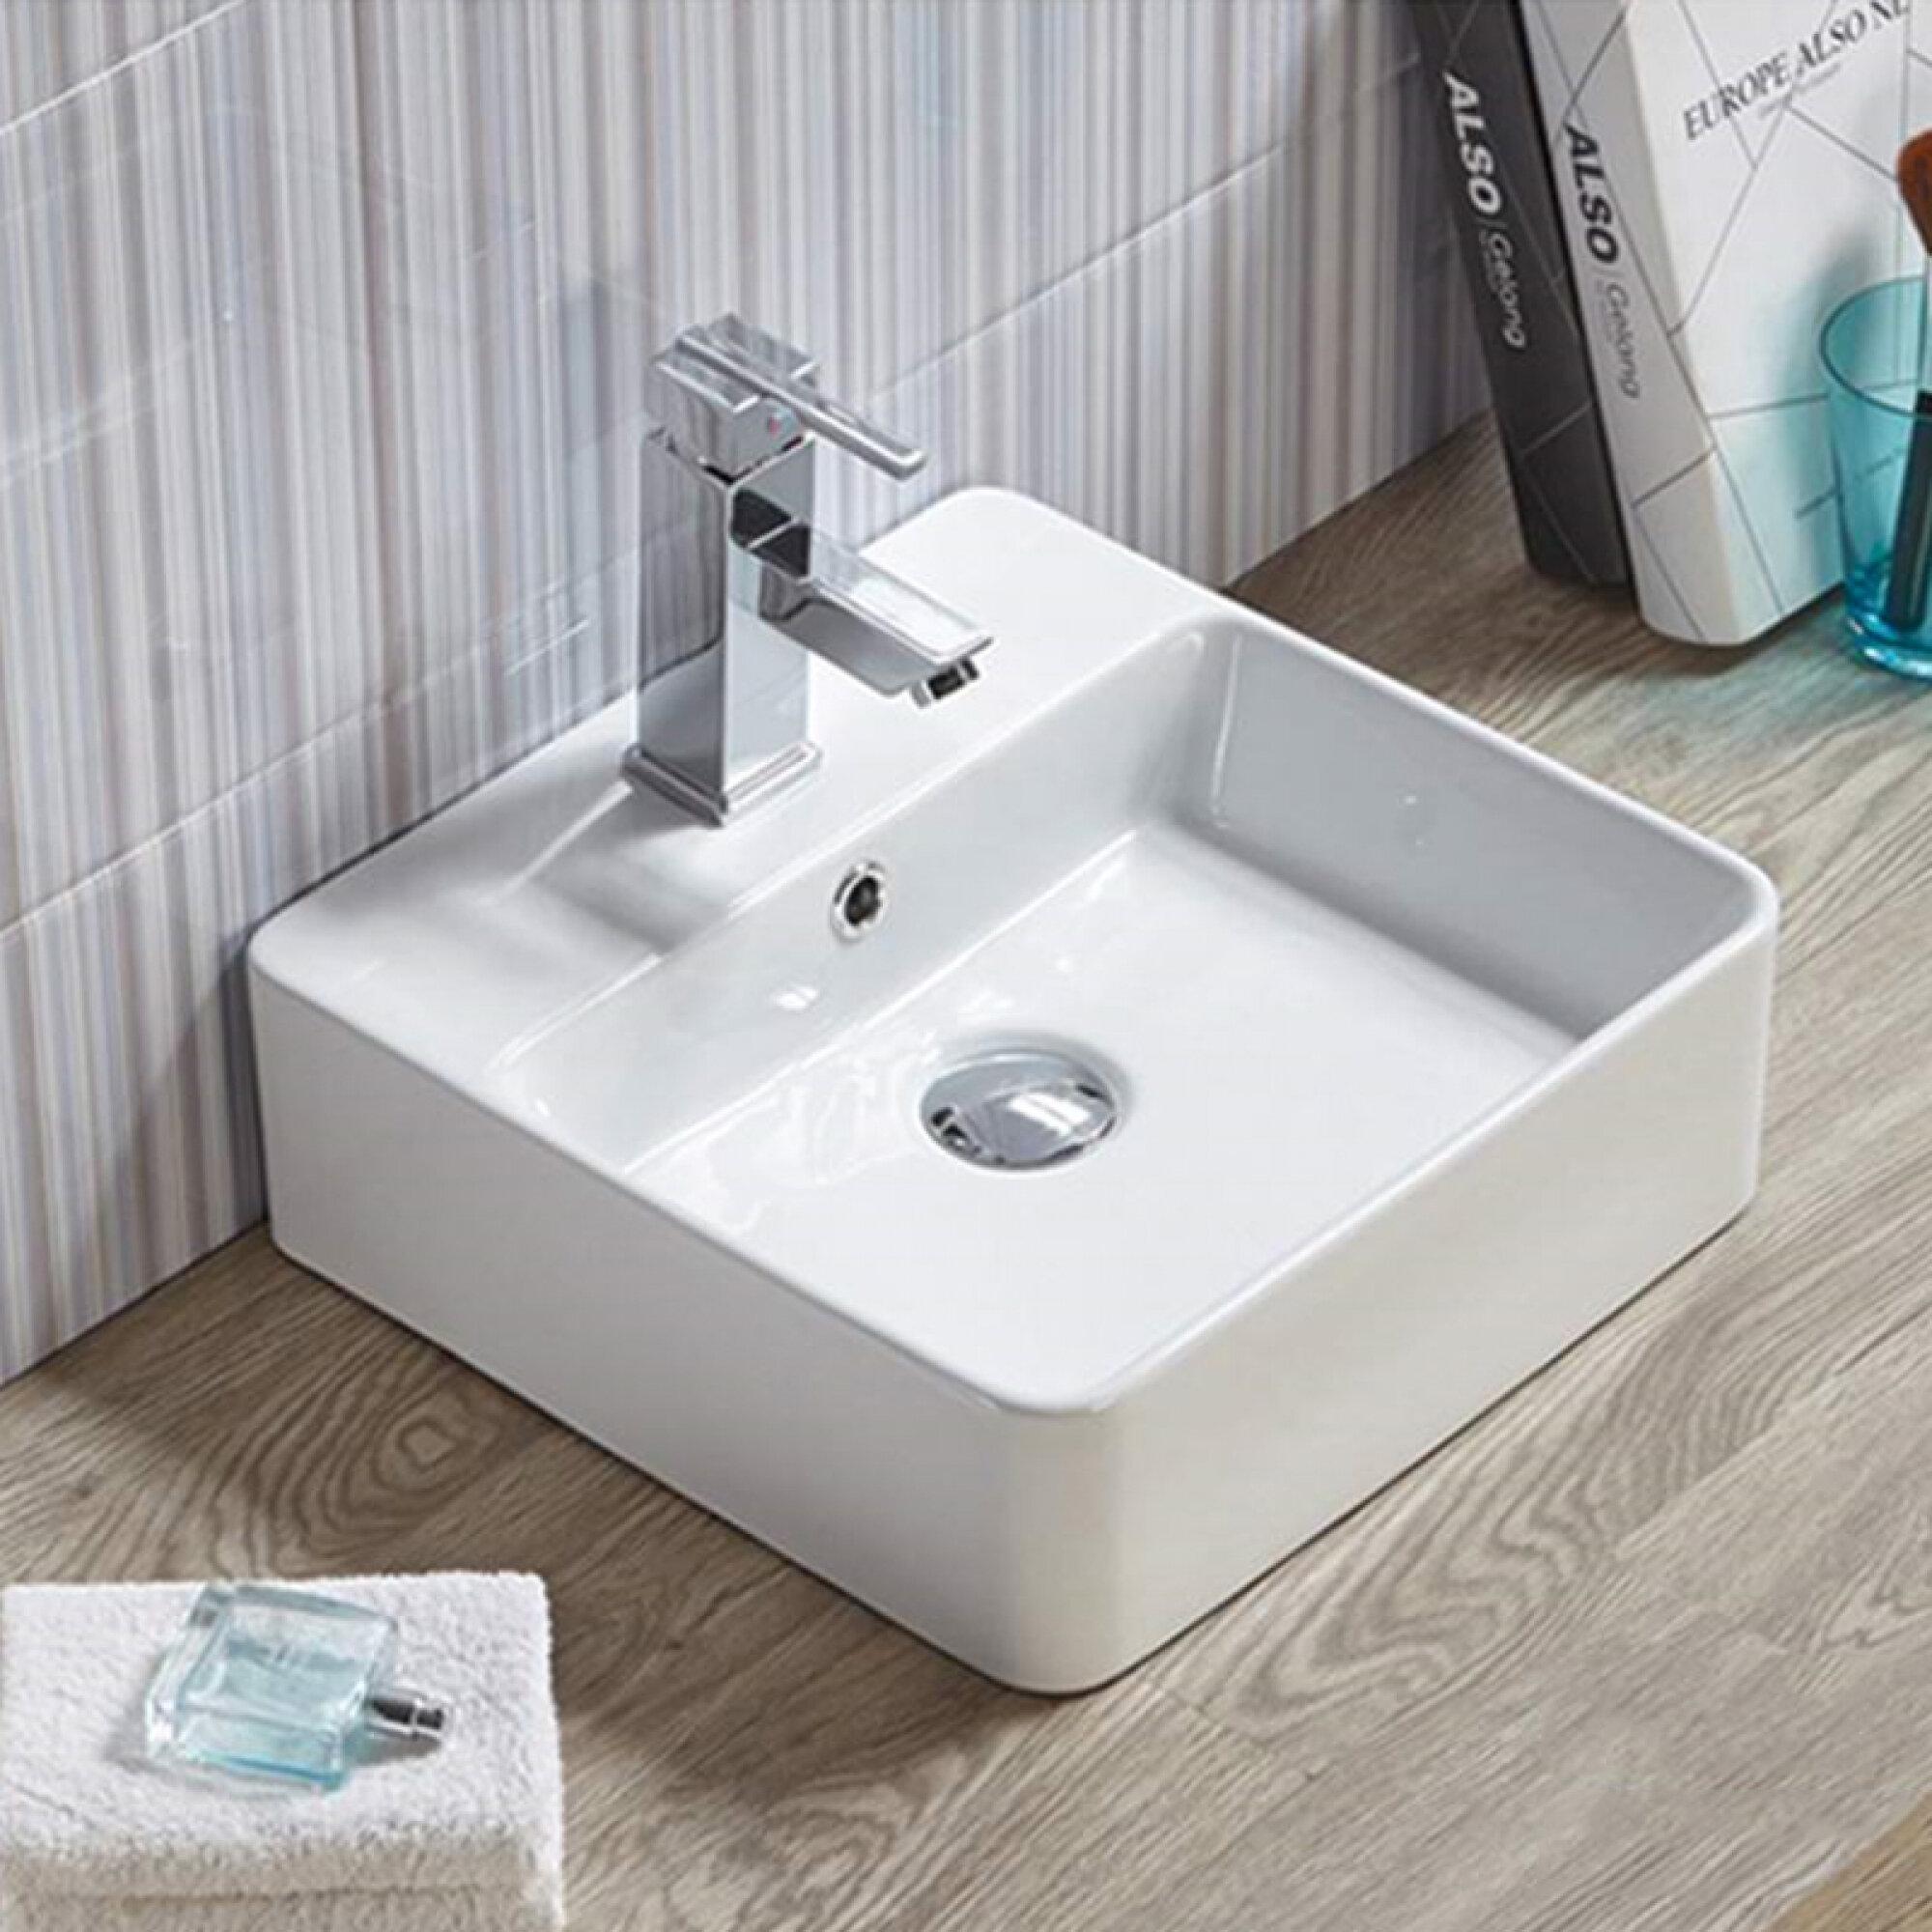 Avanities Ceramic Square Vessel Bathroom Sink With Overflow Wayfair